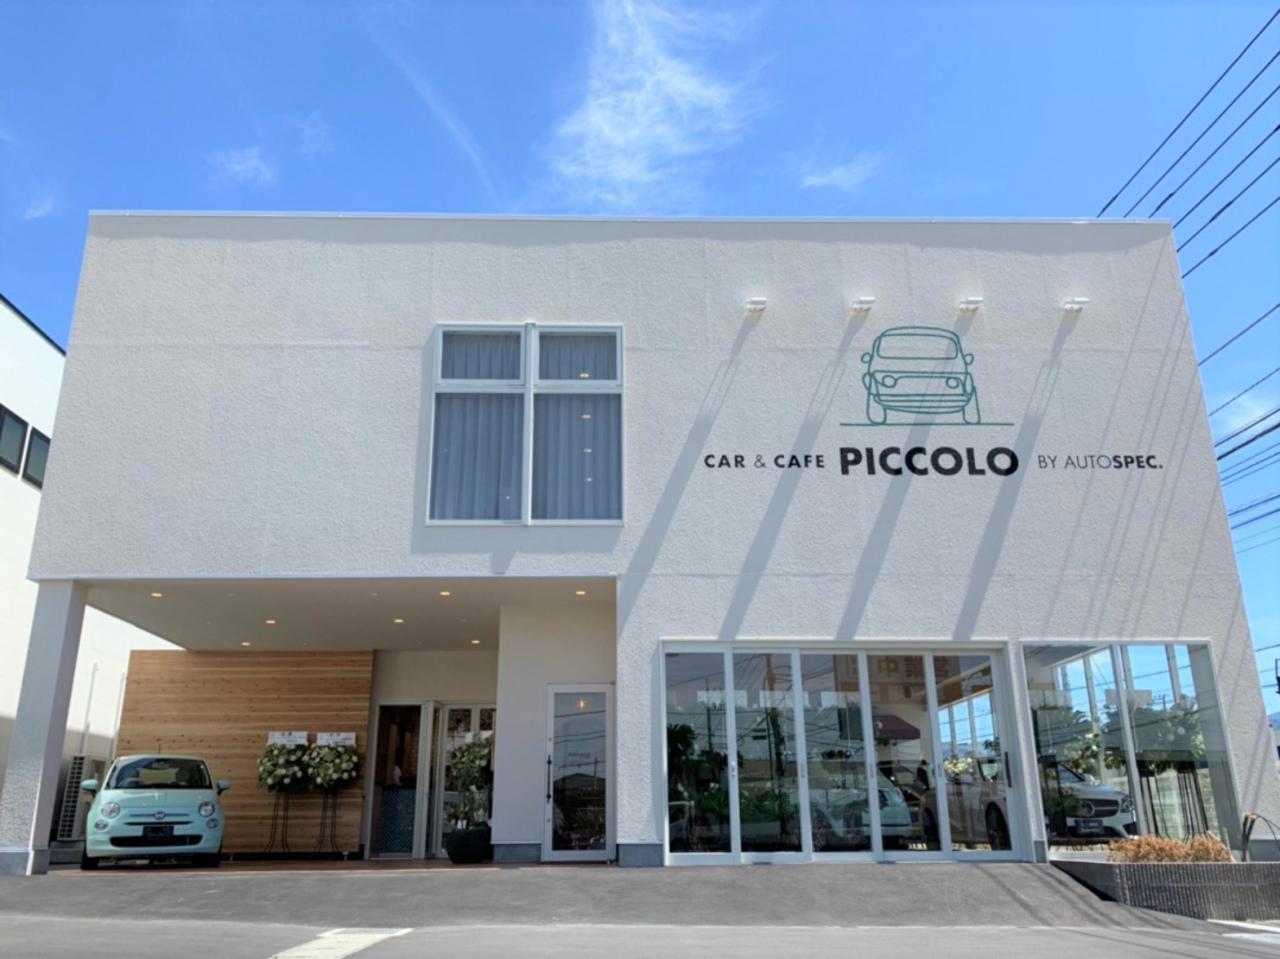 ヨーロッパ車とカフェを楽しむ...静岡県駿東郡長泉町納米里にカーアンドカフェ『ピッコロ』オープン